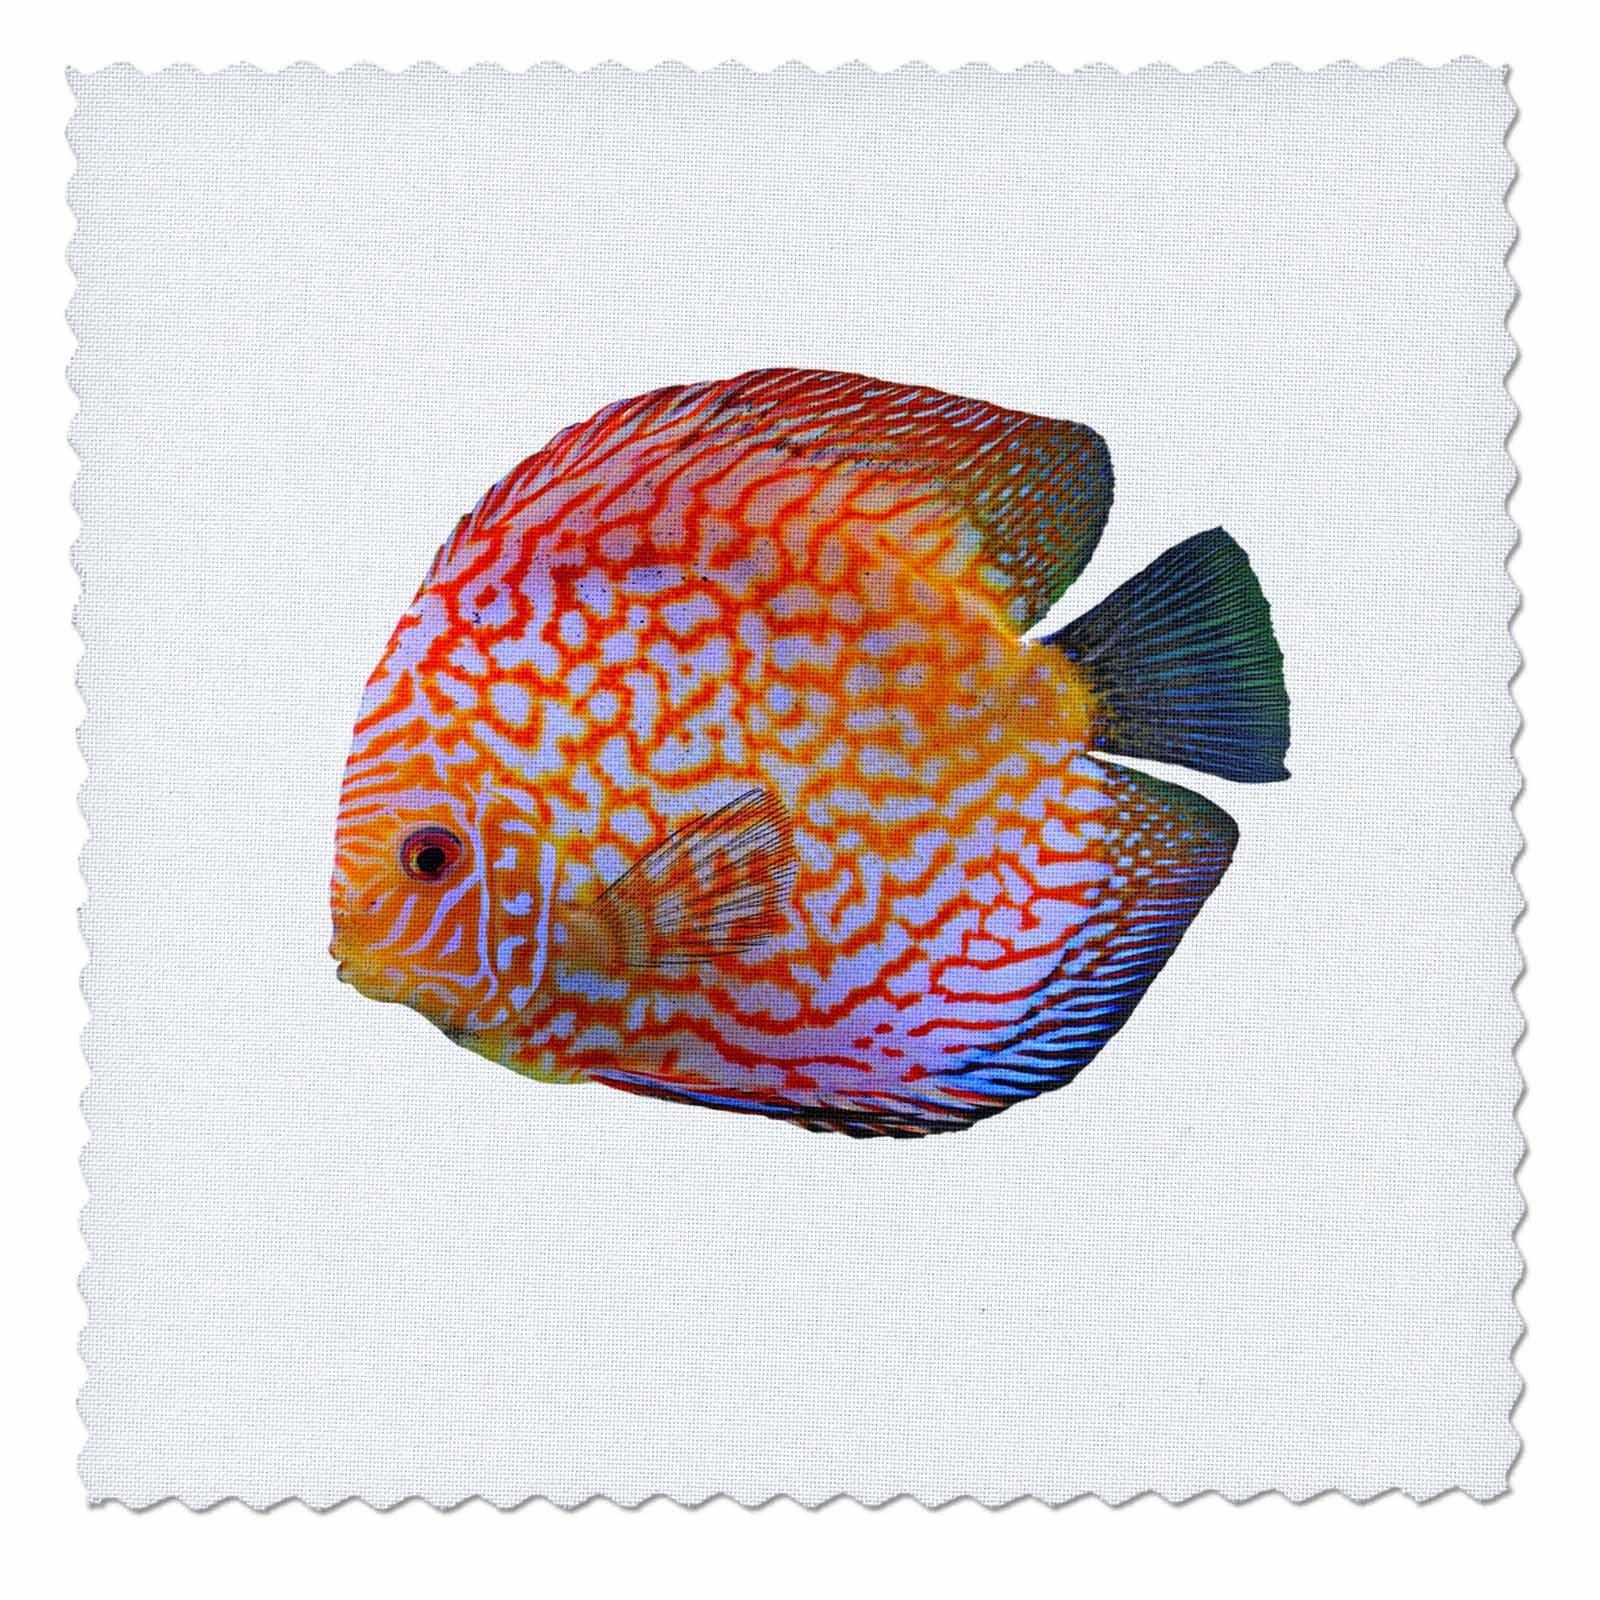 3dRose Sven Herkenrath Animals - King Of The Aquarium Discus Fish Image Wildlife - 22x22 inch quilt square (qs_262415_9)